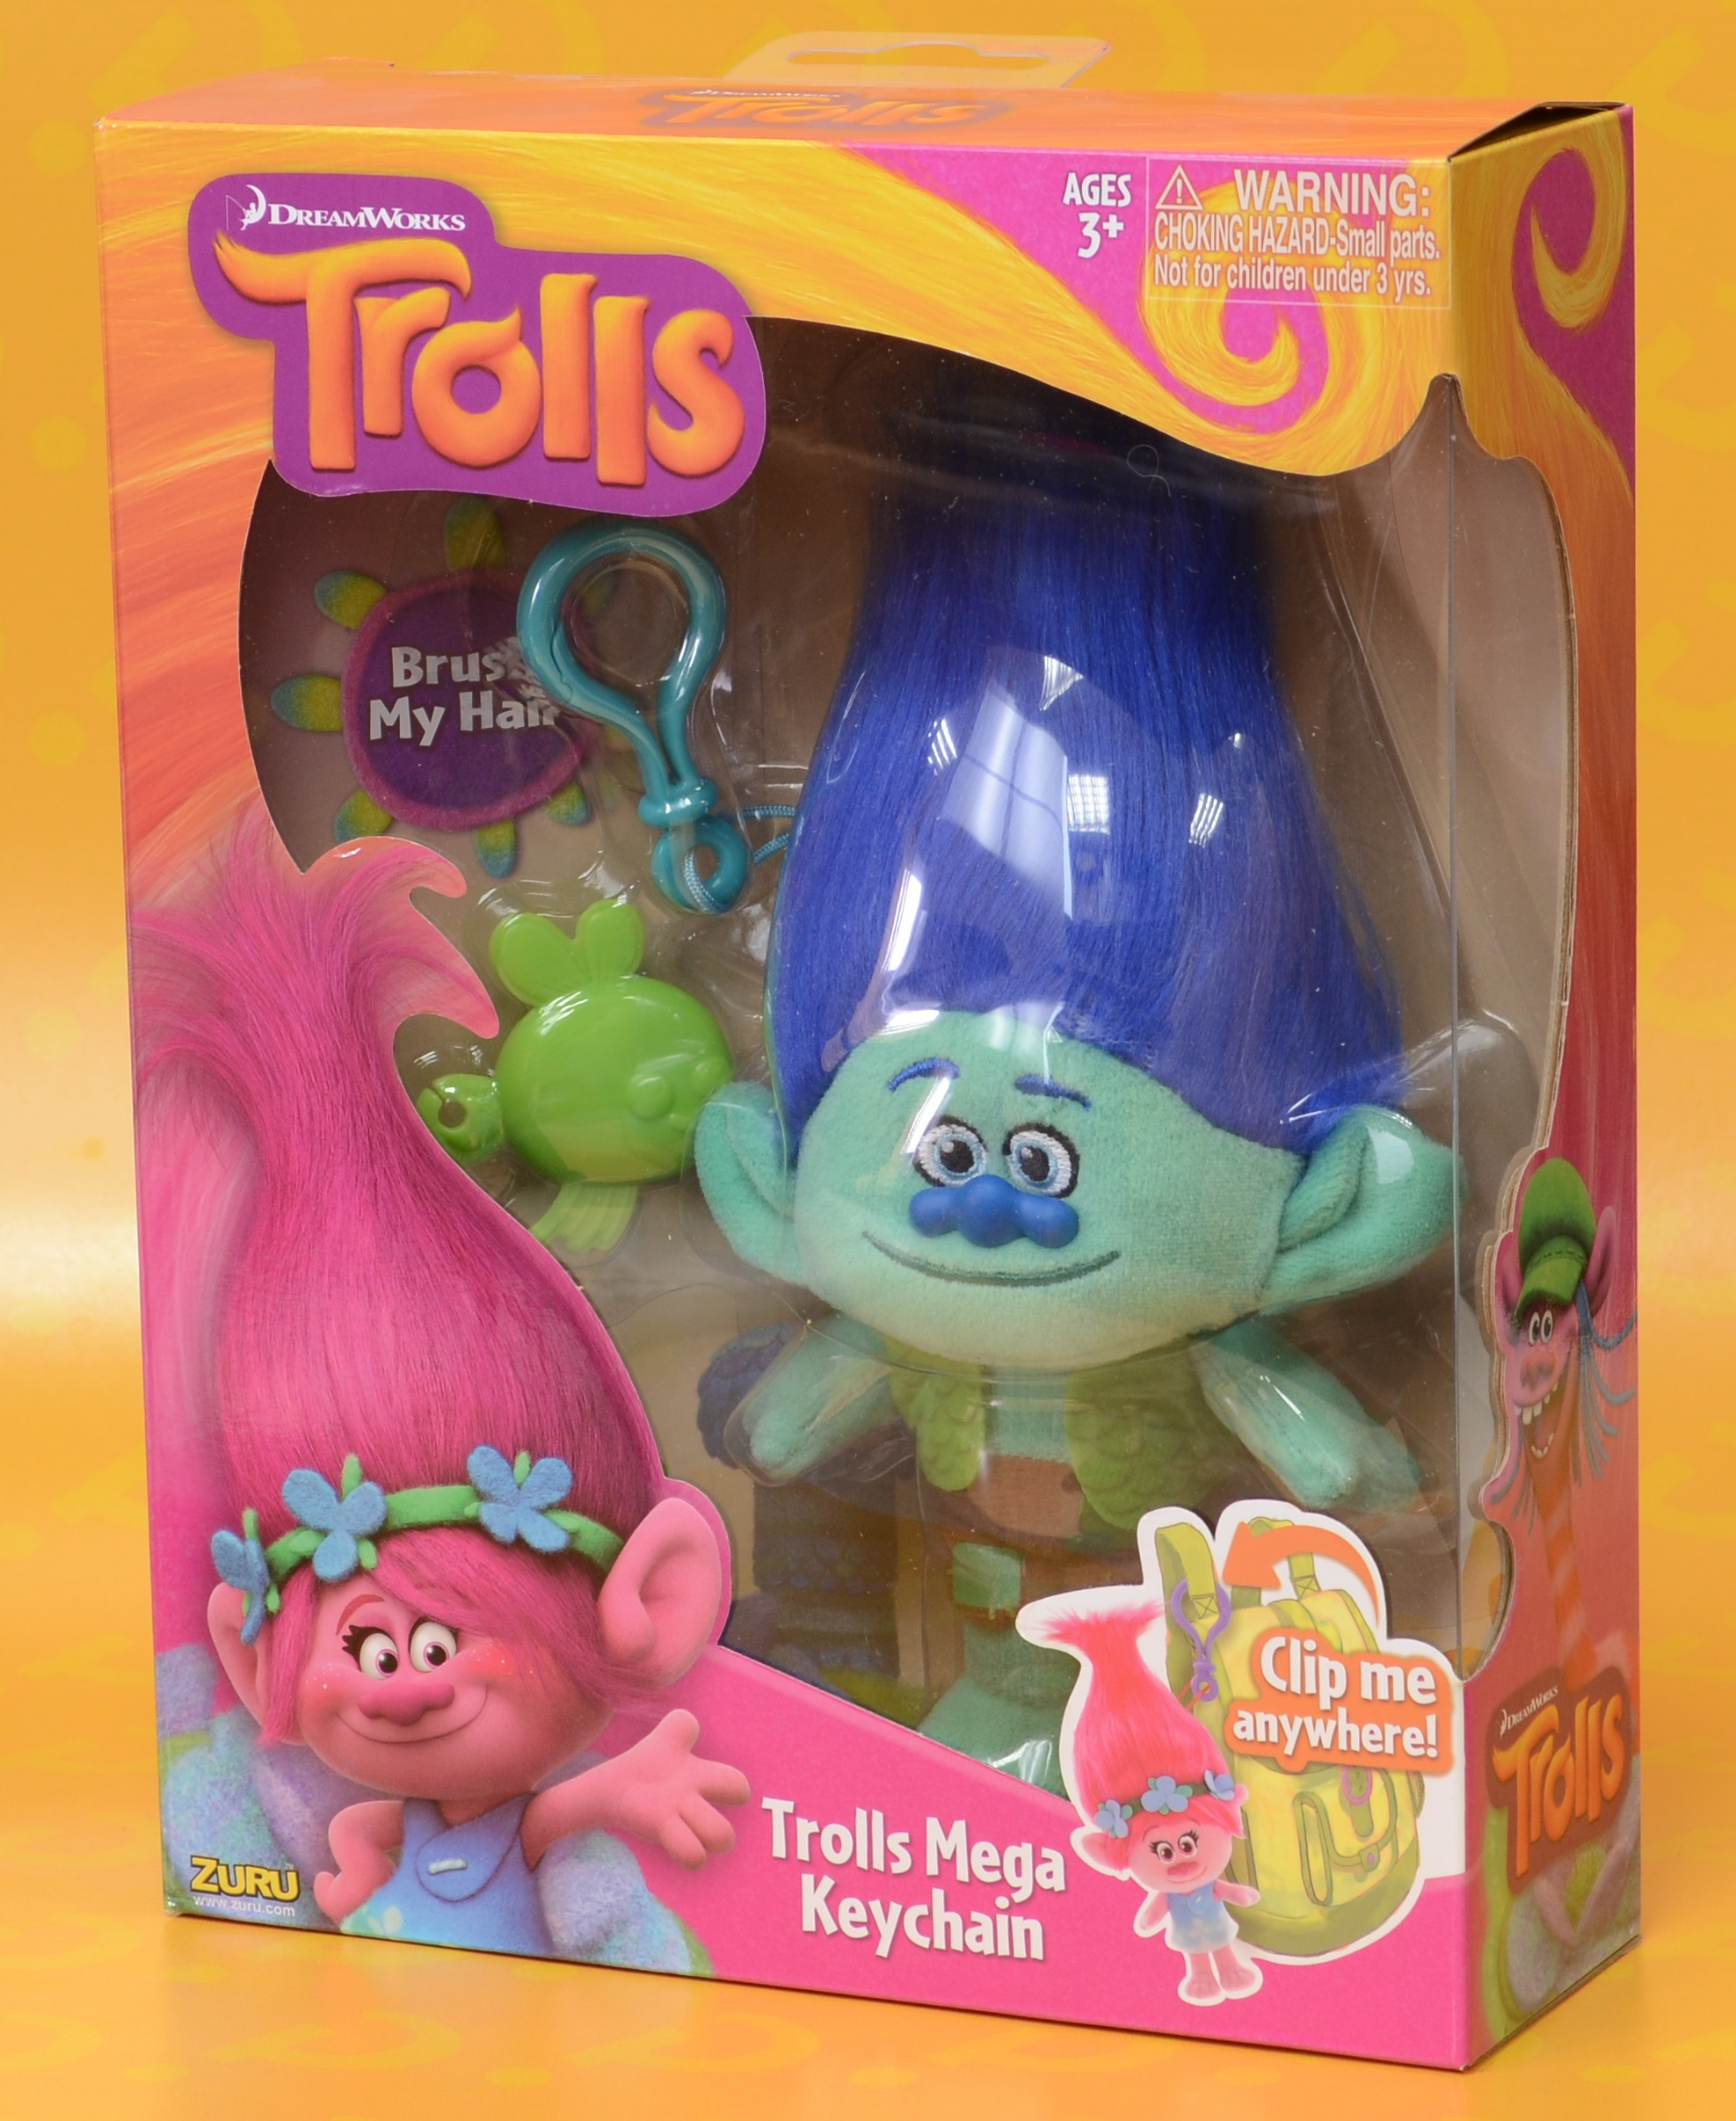 Мягкая игрушка Trolls. Тролль Цветан (Branch) веселыйПредставляем вашему вниманию мягкую игрушку Trolls. Тролль Цветан, созданную по мотивам анимационного фильма производства DreamWorks Animation.<br>